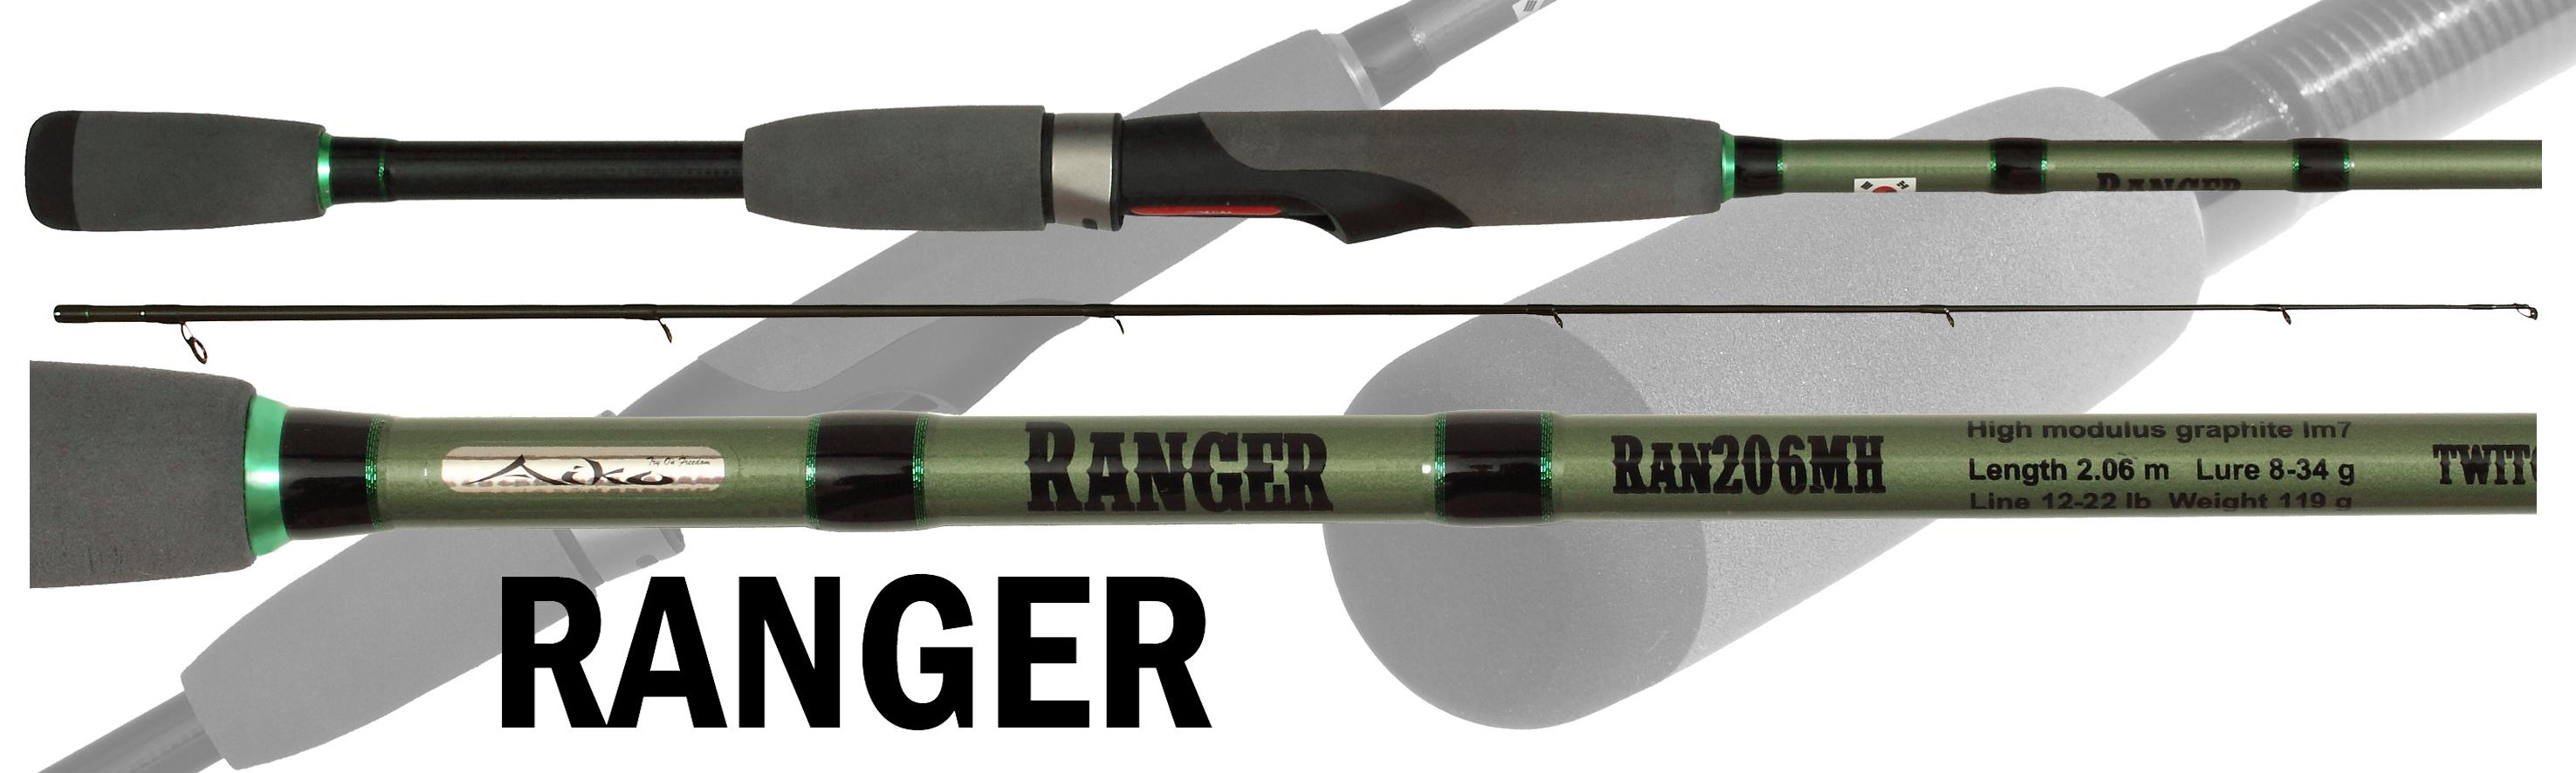 Ranger-4